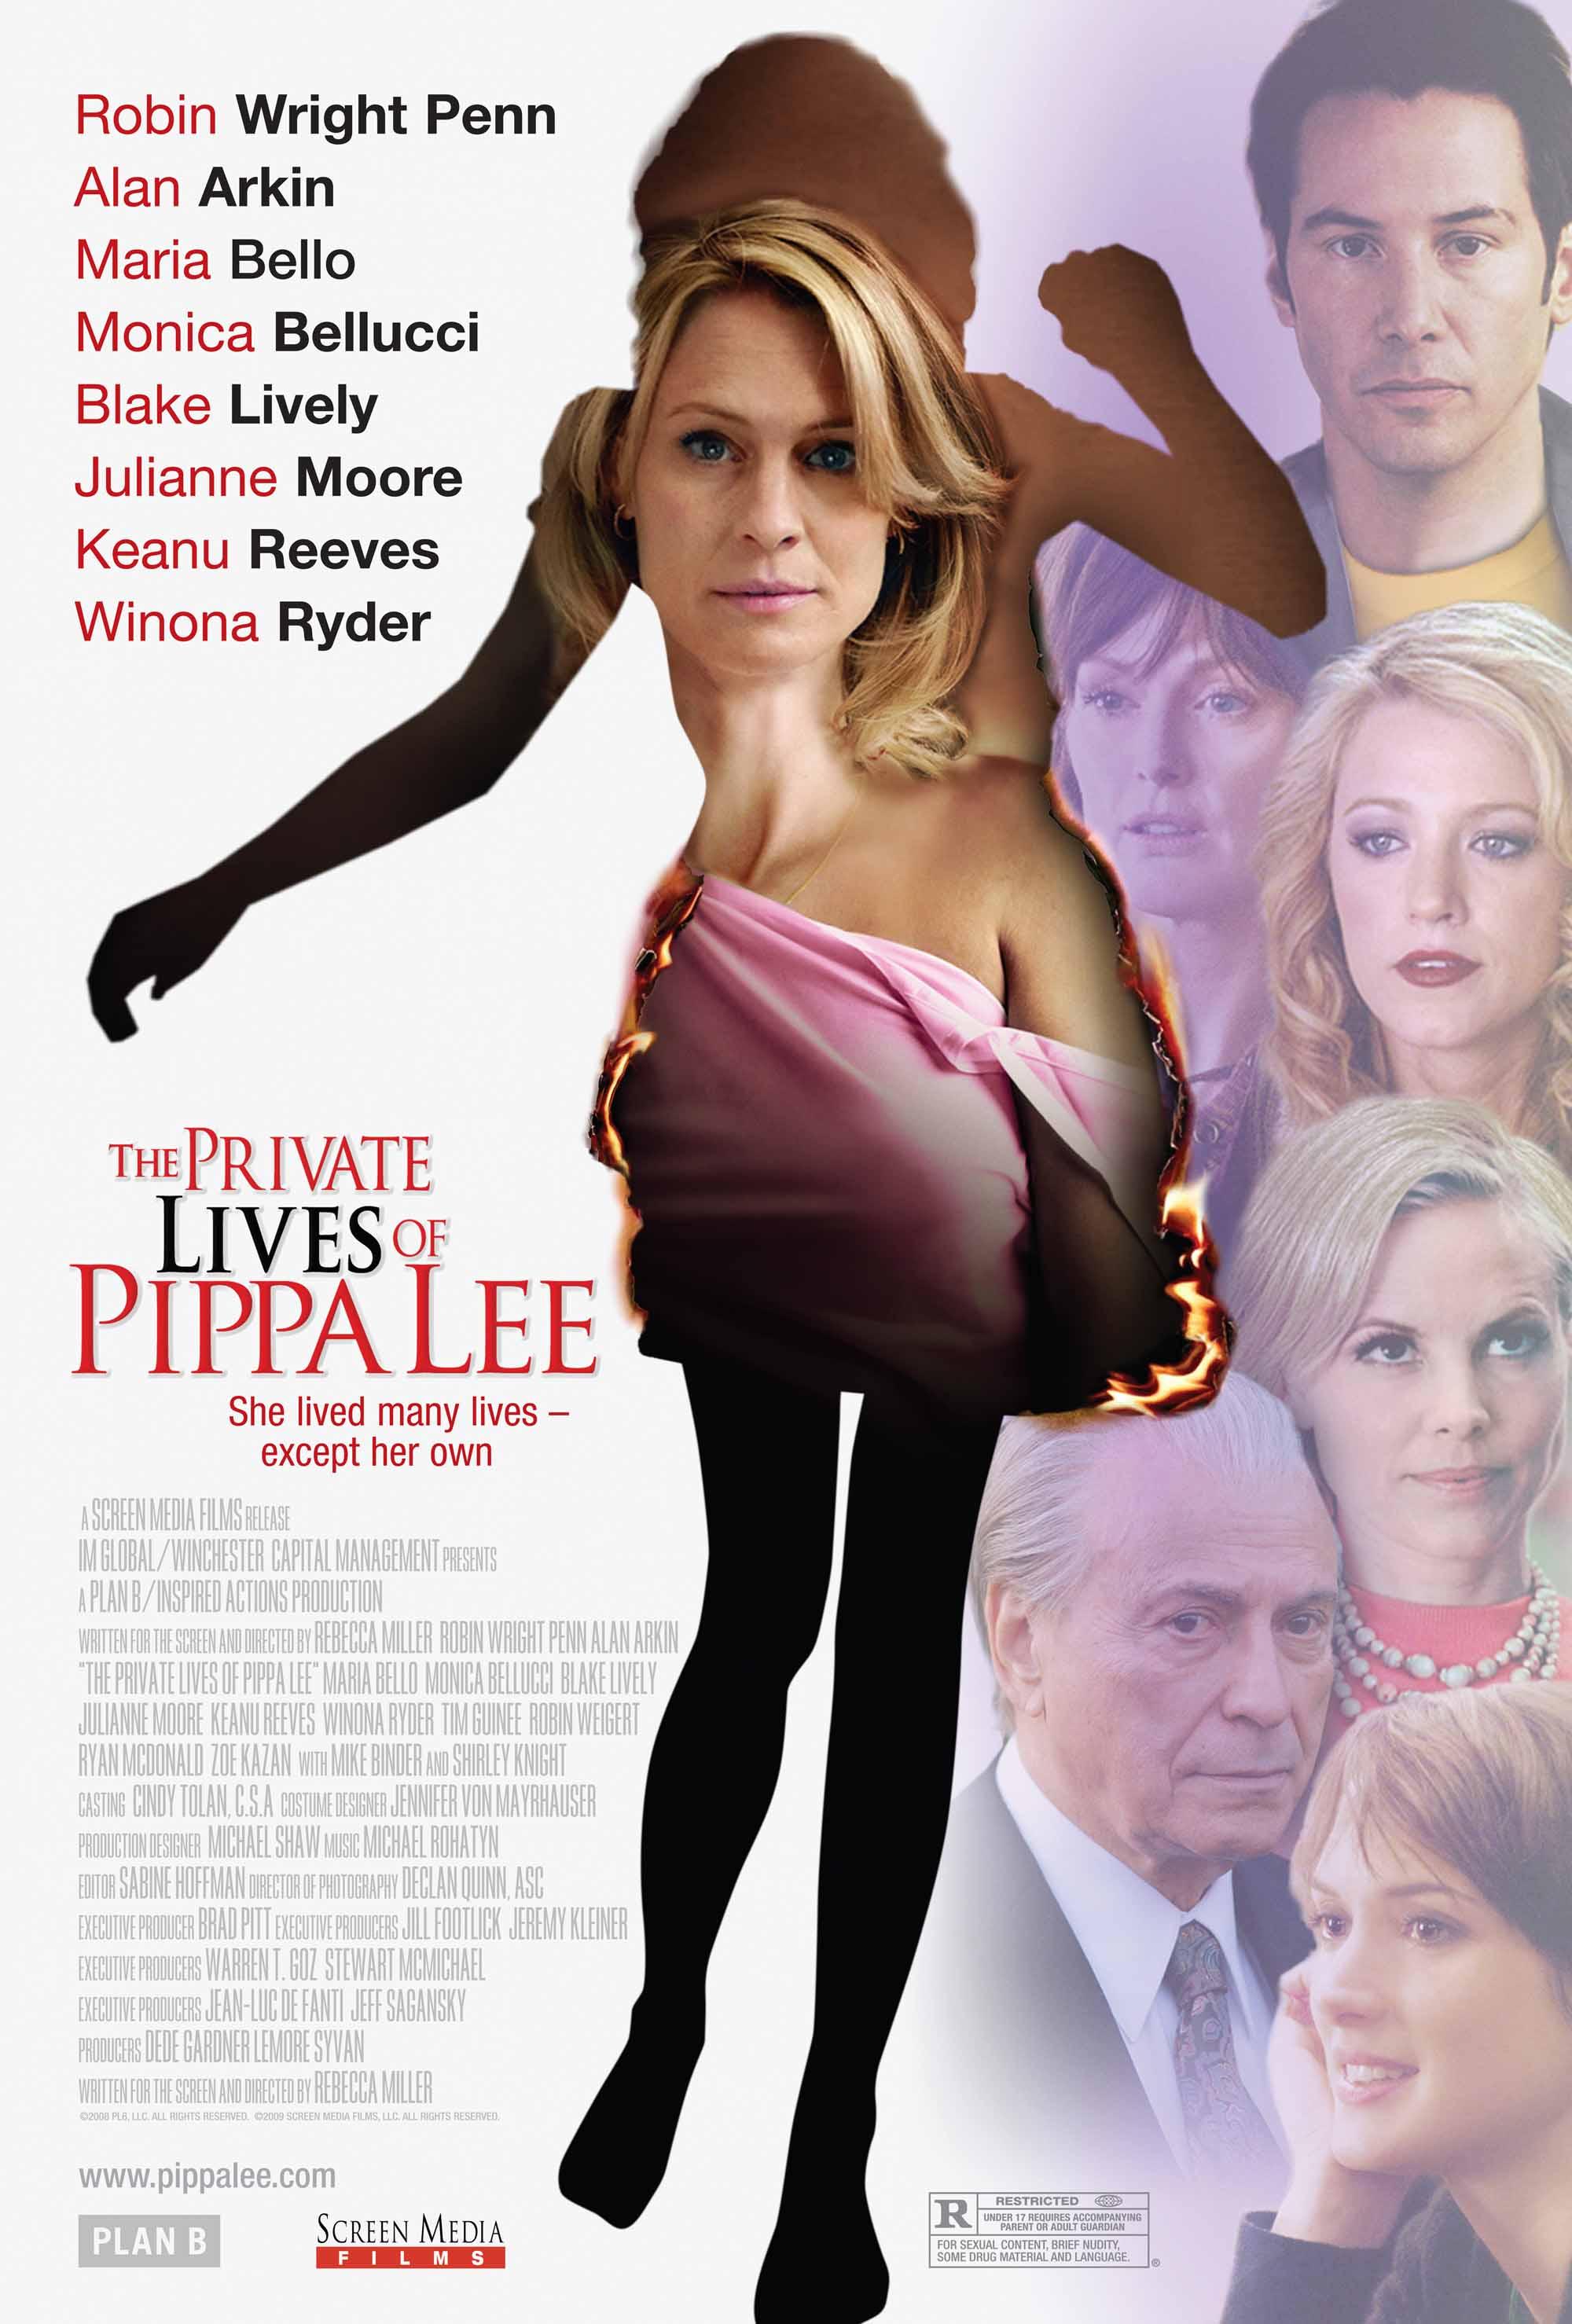 პიპა ლის პირადი ცხოვრება (ქართულად)  The Private Lives of Pippa Lee Частная жизнь Пиппы Ли